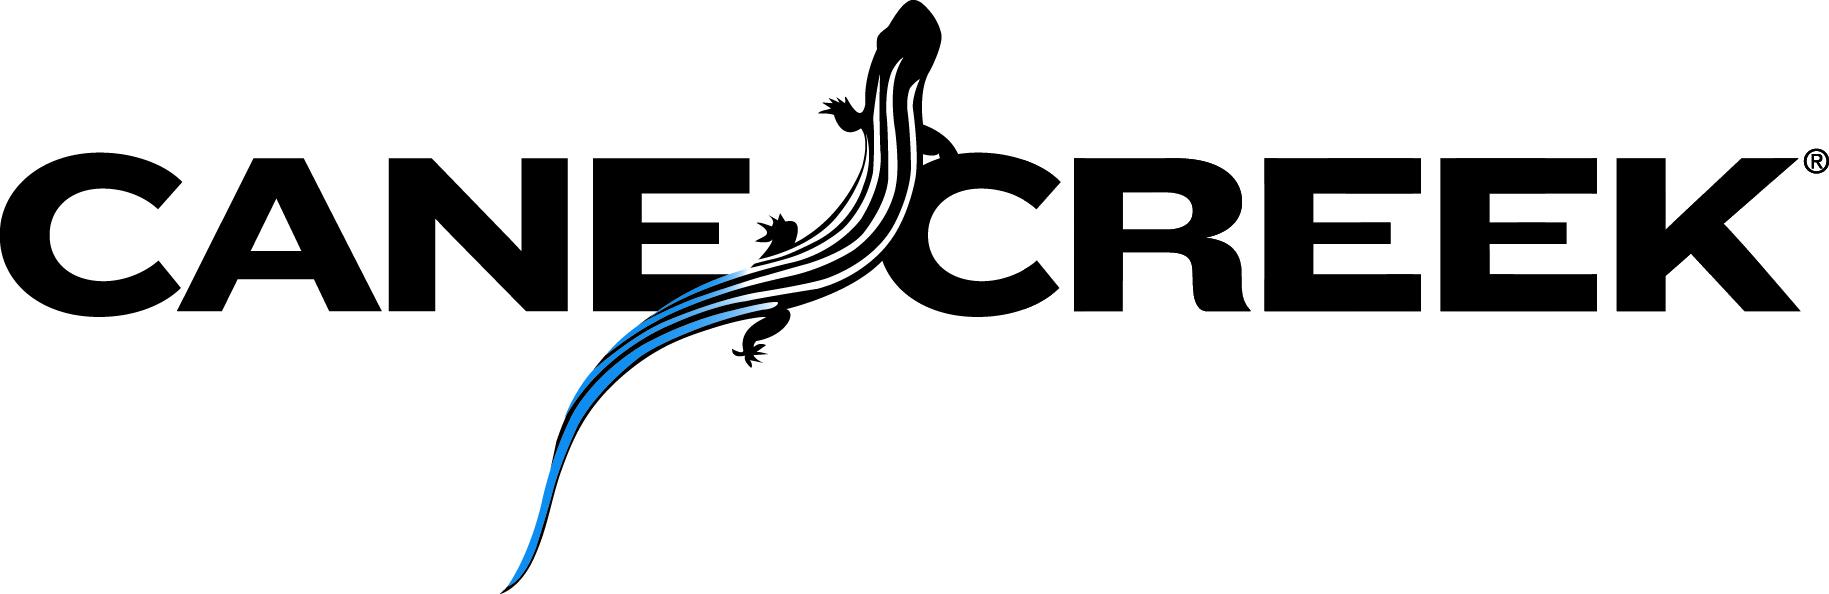 CaneCreek BLACK logo.jpg